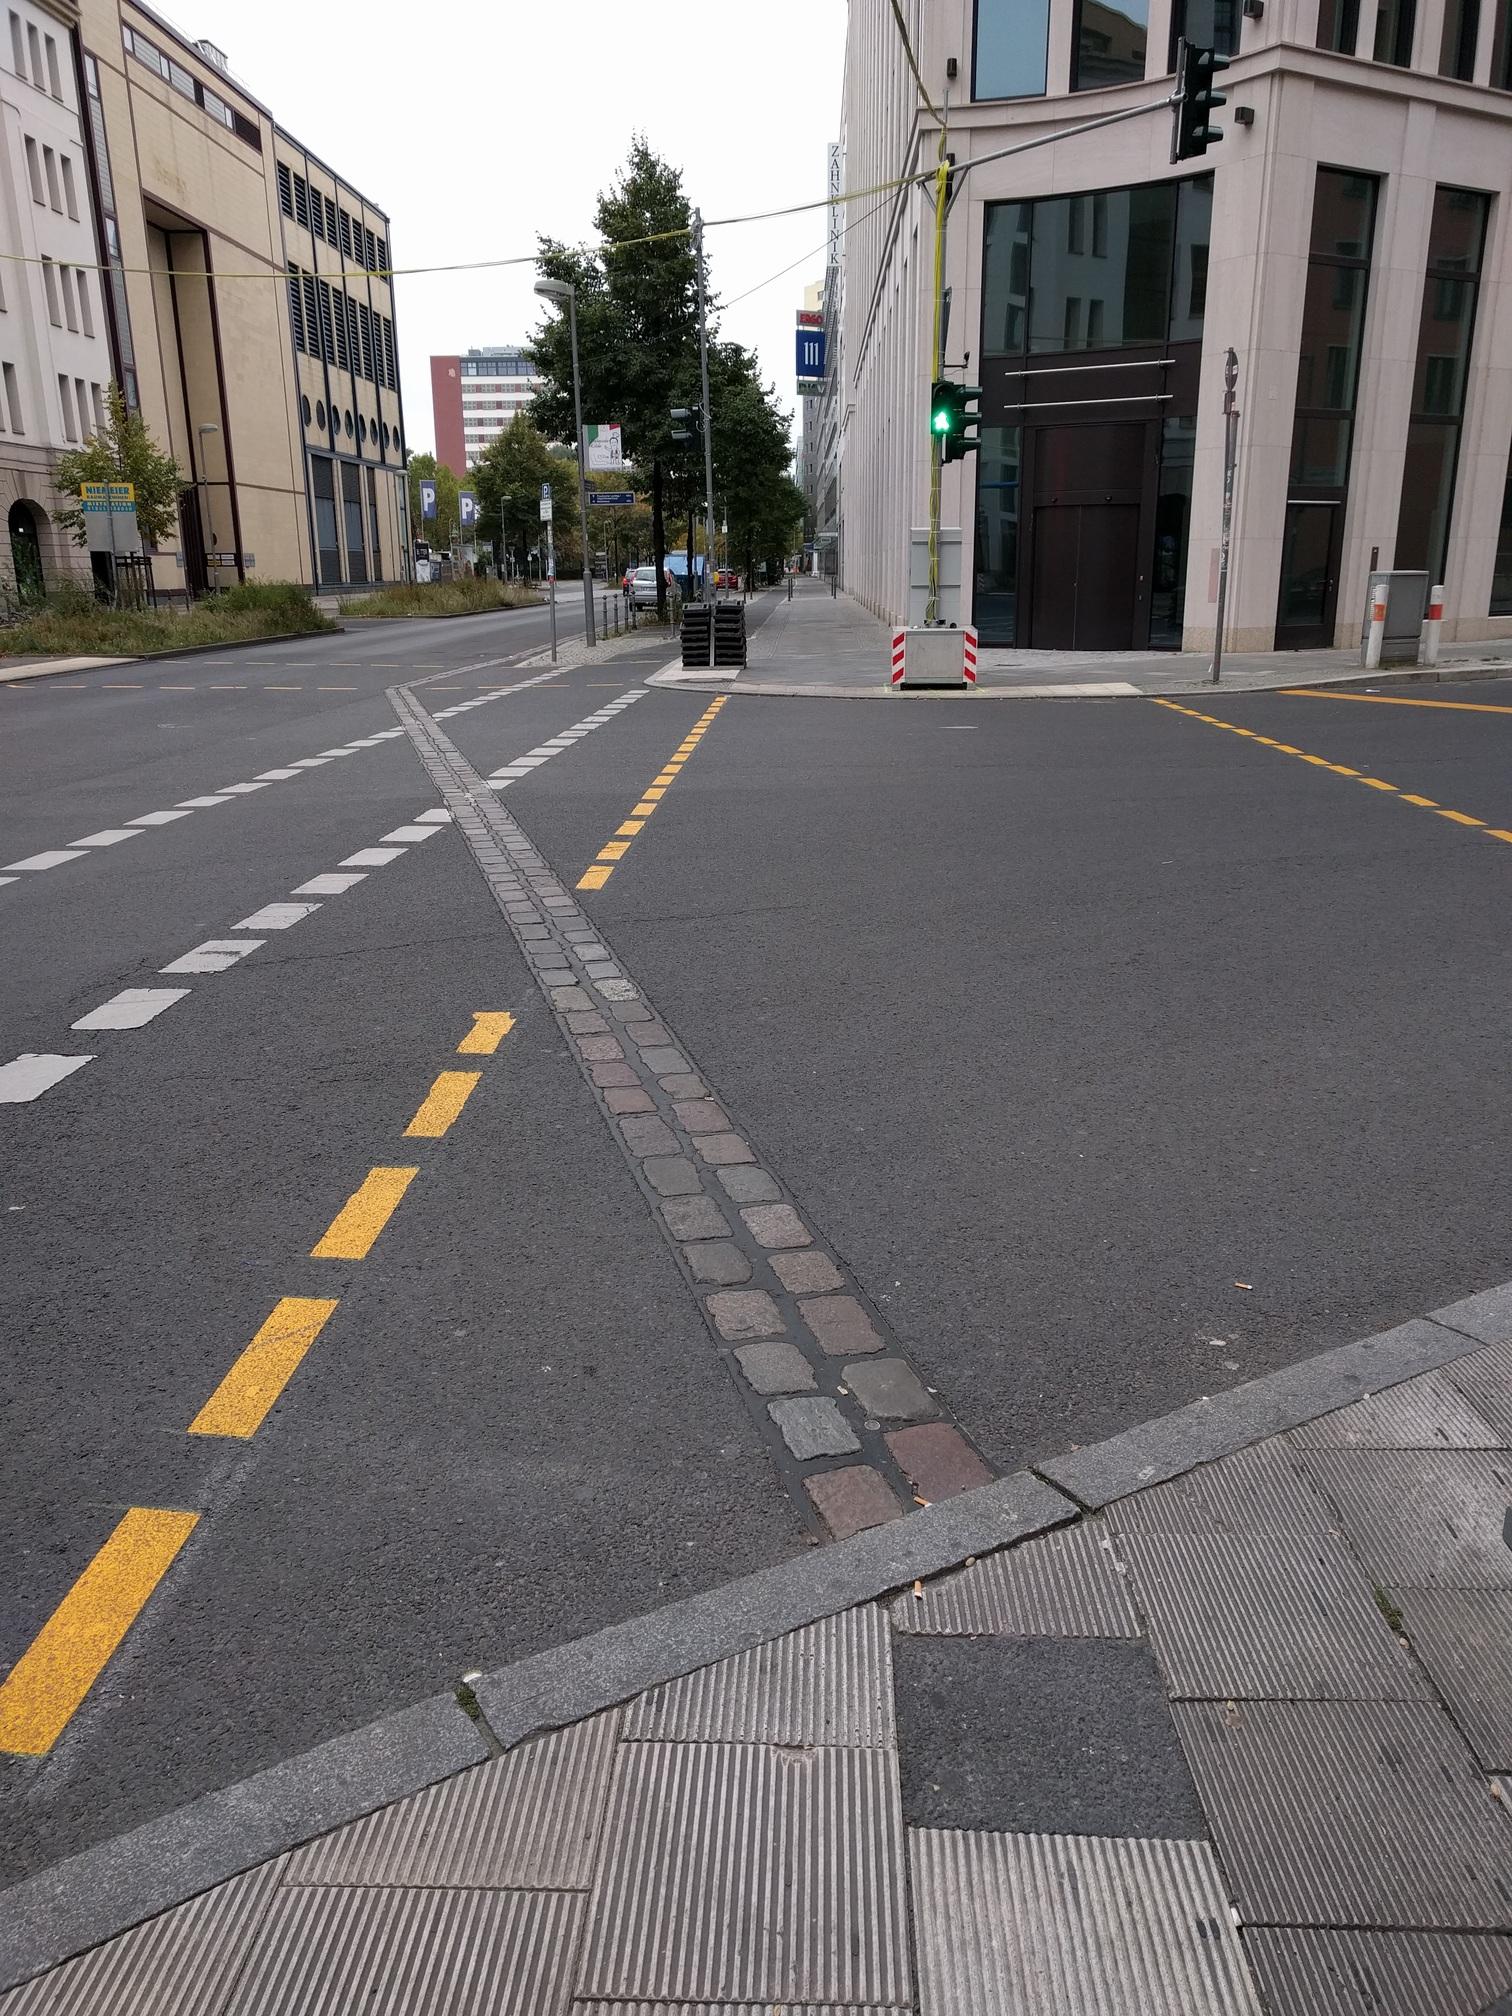 /images/berlin-wall-marker-stones.jpg